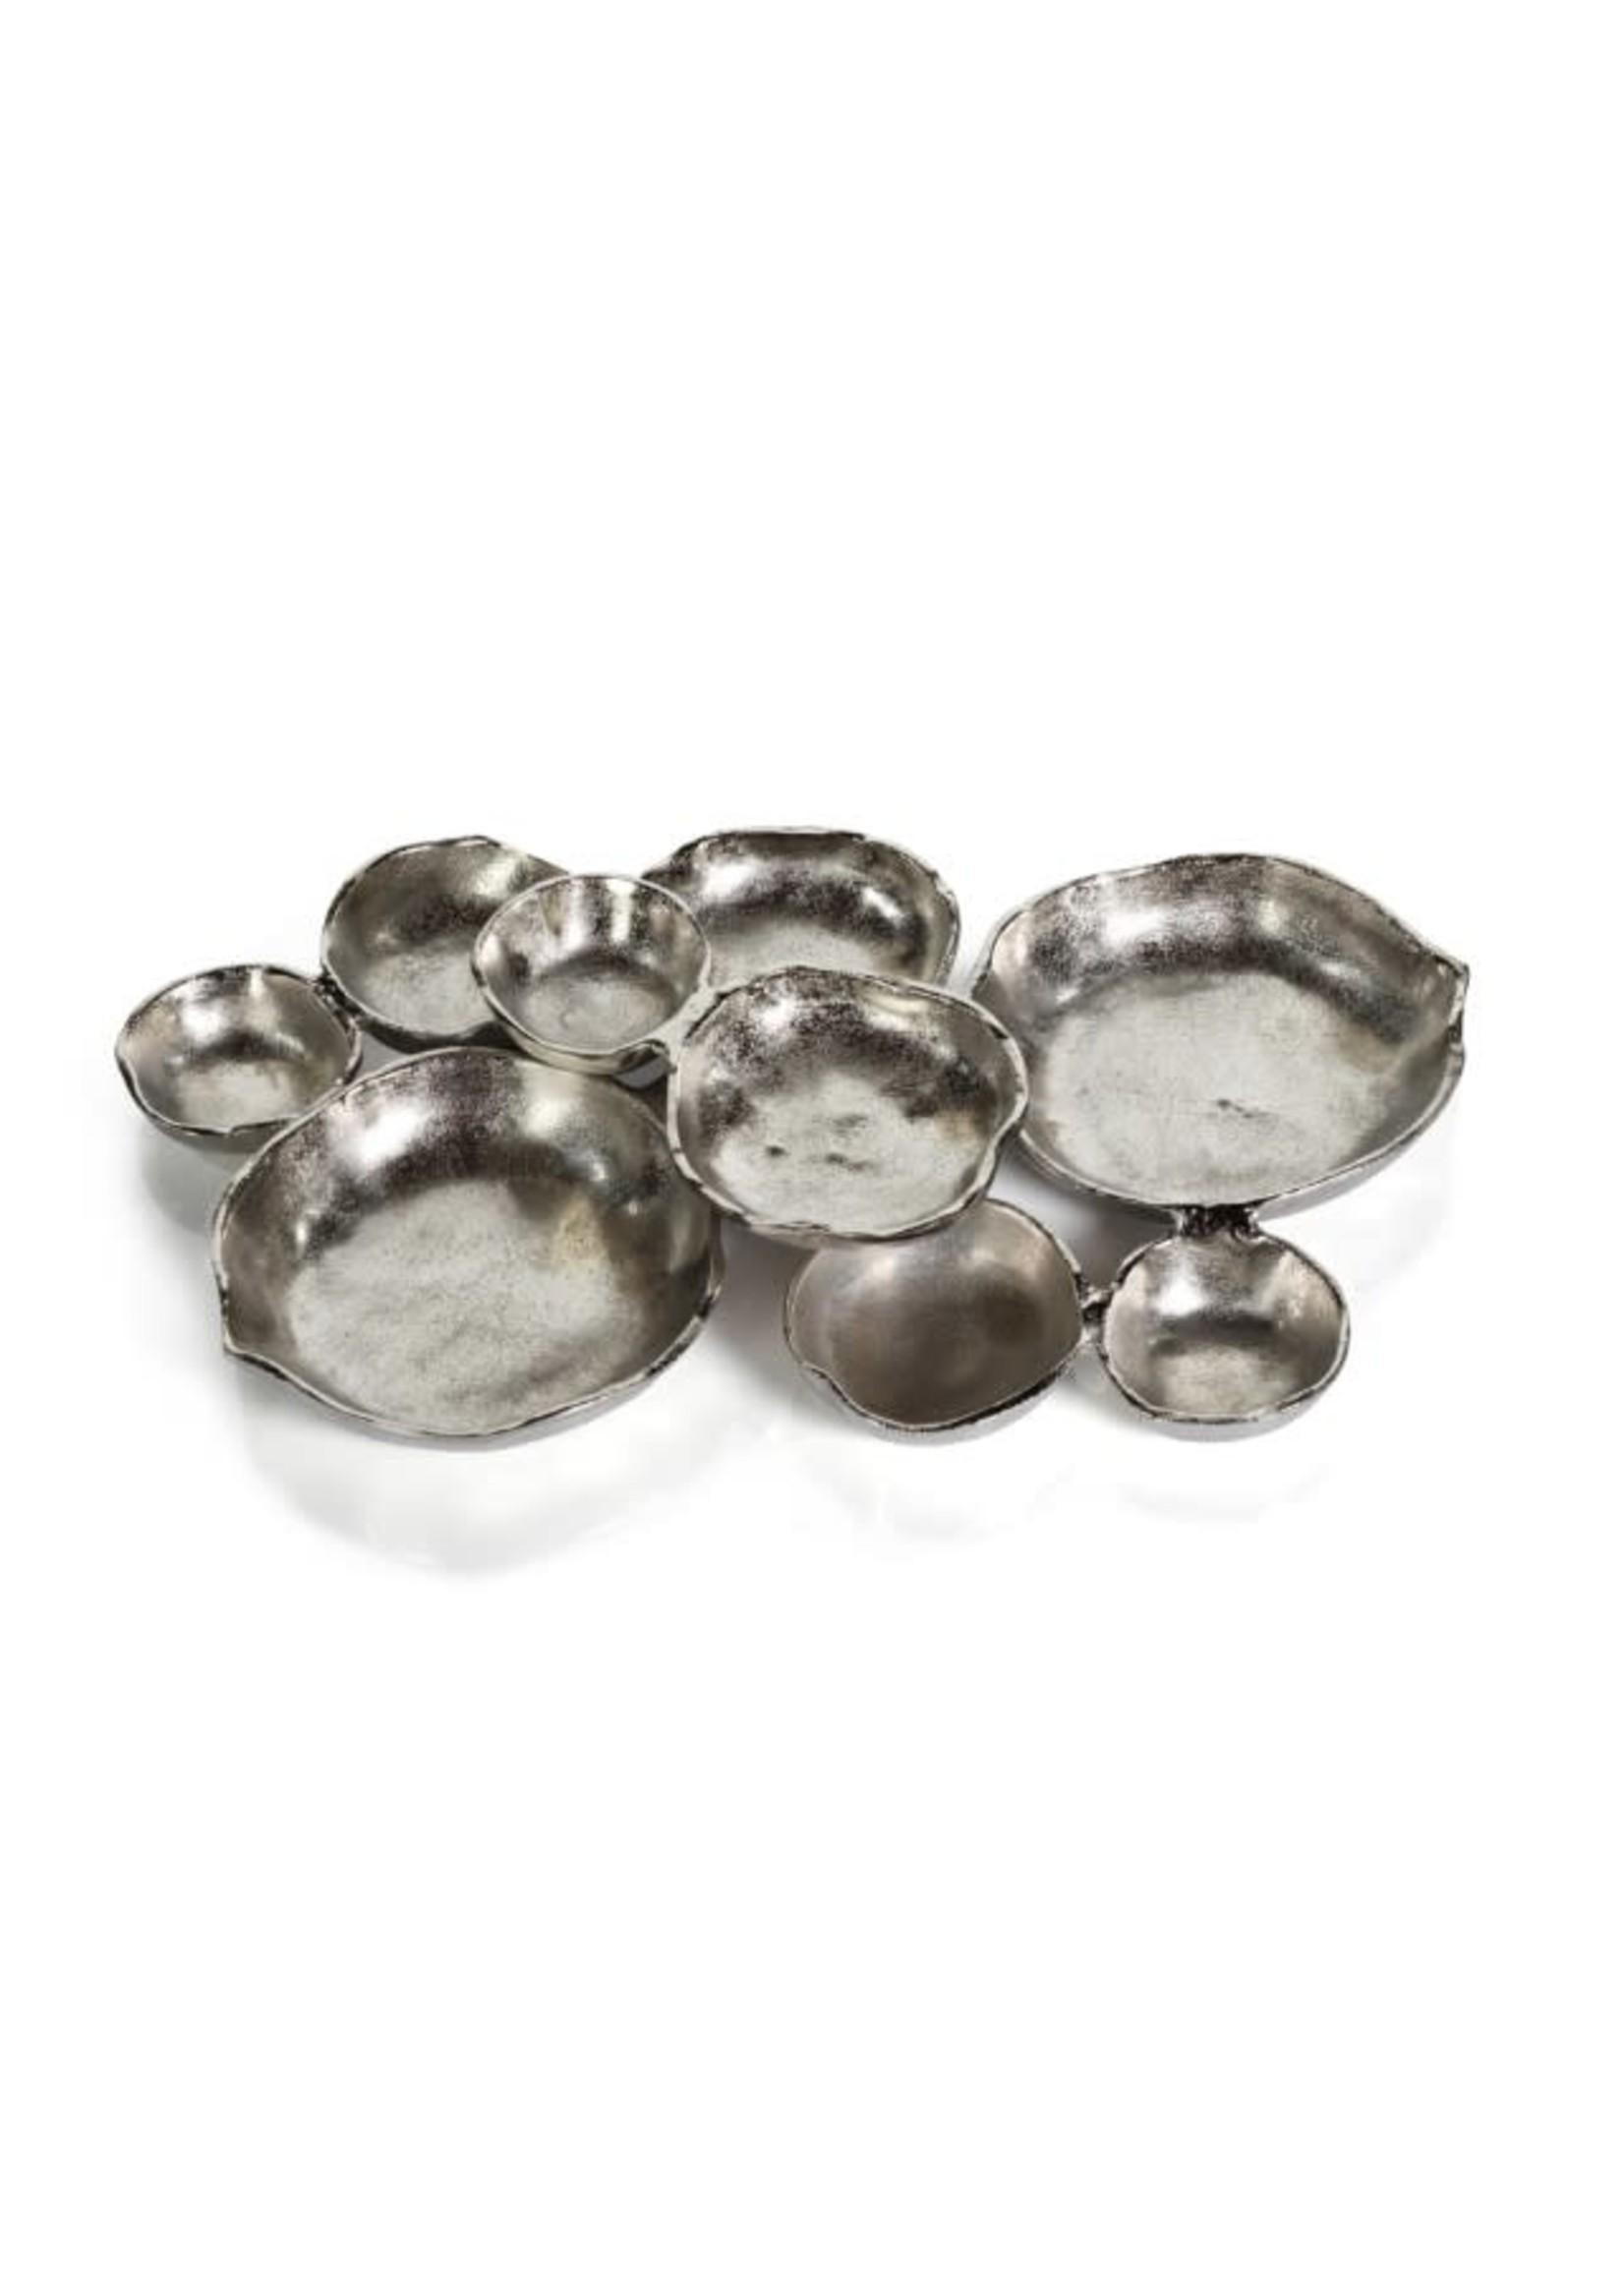 Cluster of Nine Serving Bowls- Nickel